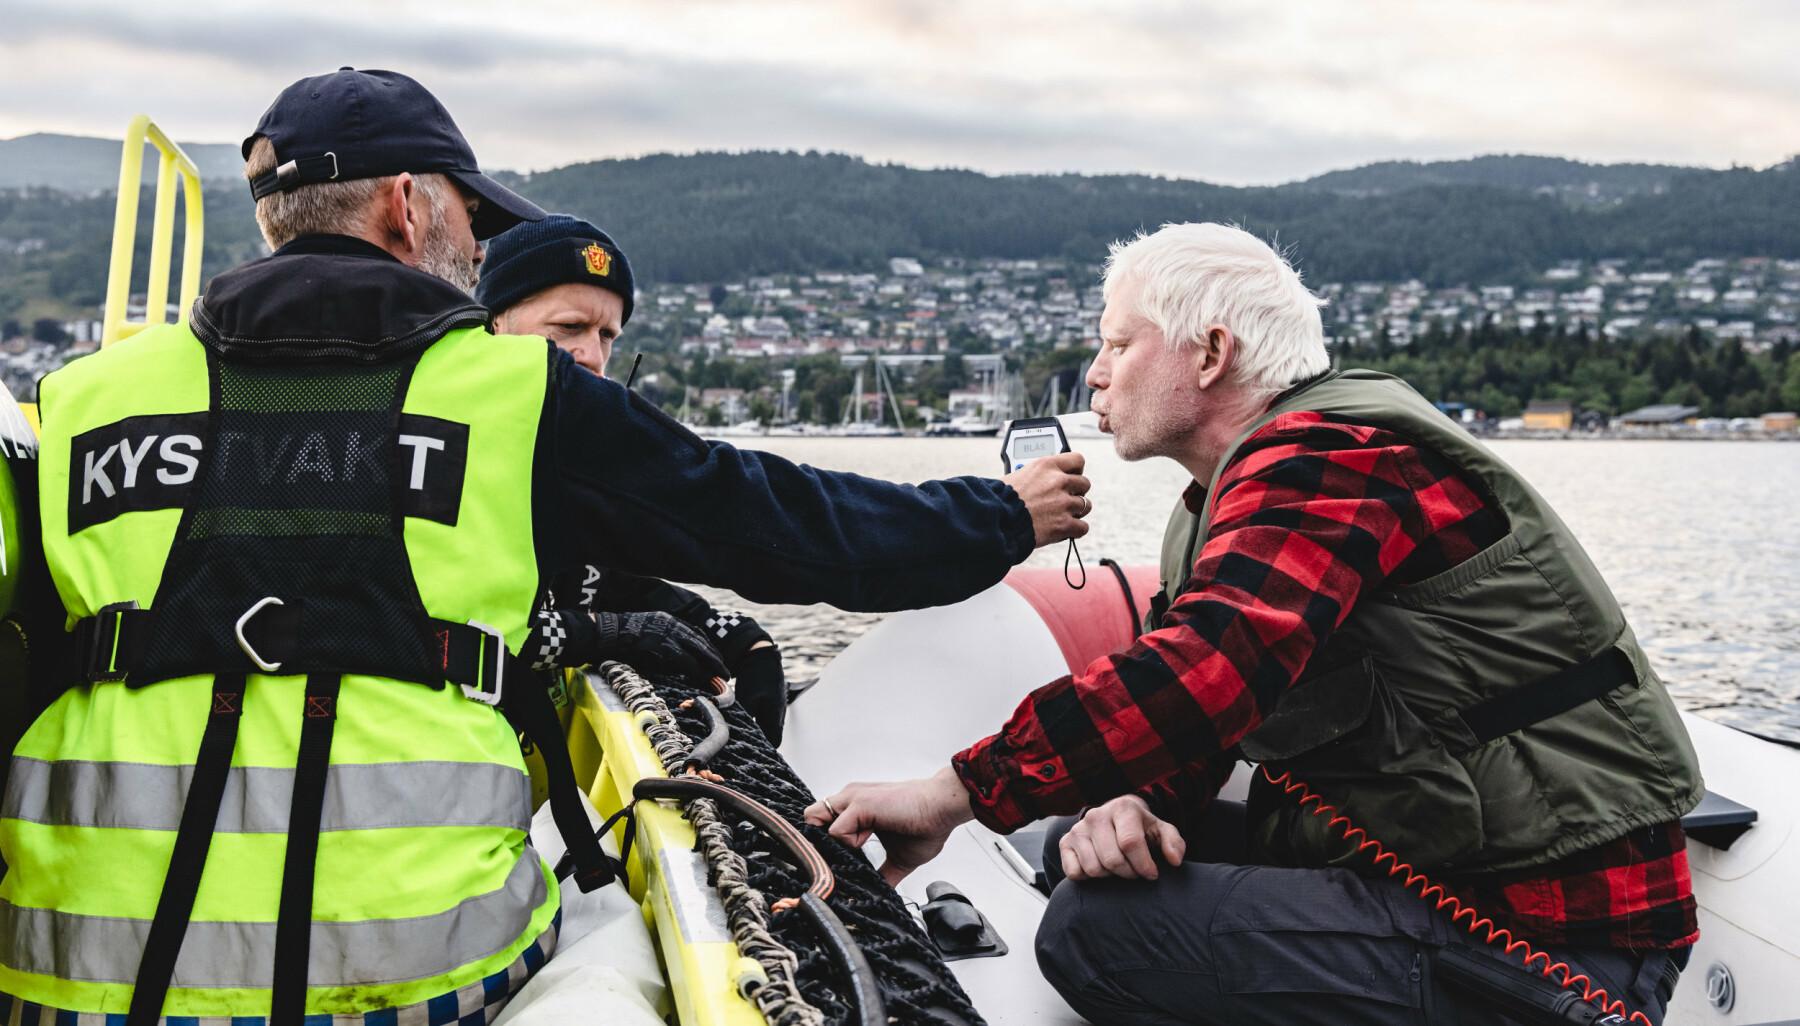 Vi er med en natt på patrulje med kystvakten og politiet under Molde Jazzfestival. NK Jørgen Wallem, ORB (operasjonsbefal) Magnus Hvistendahl og Per Olav Halseber fra politiet.